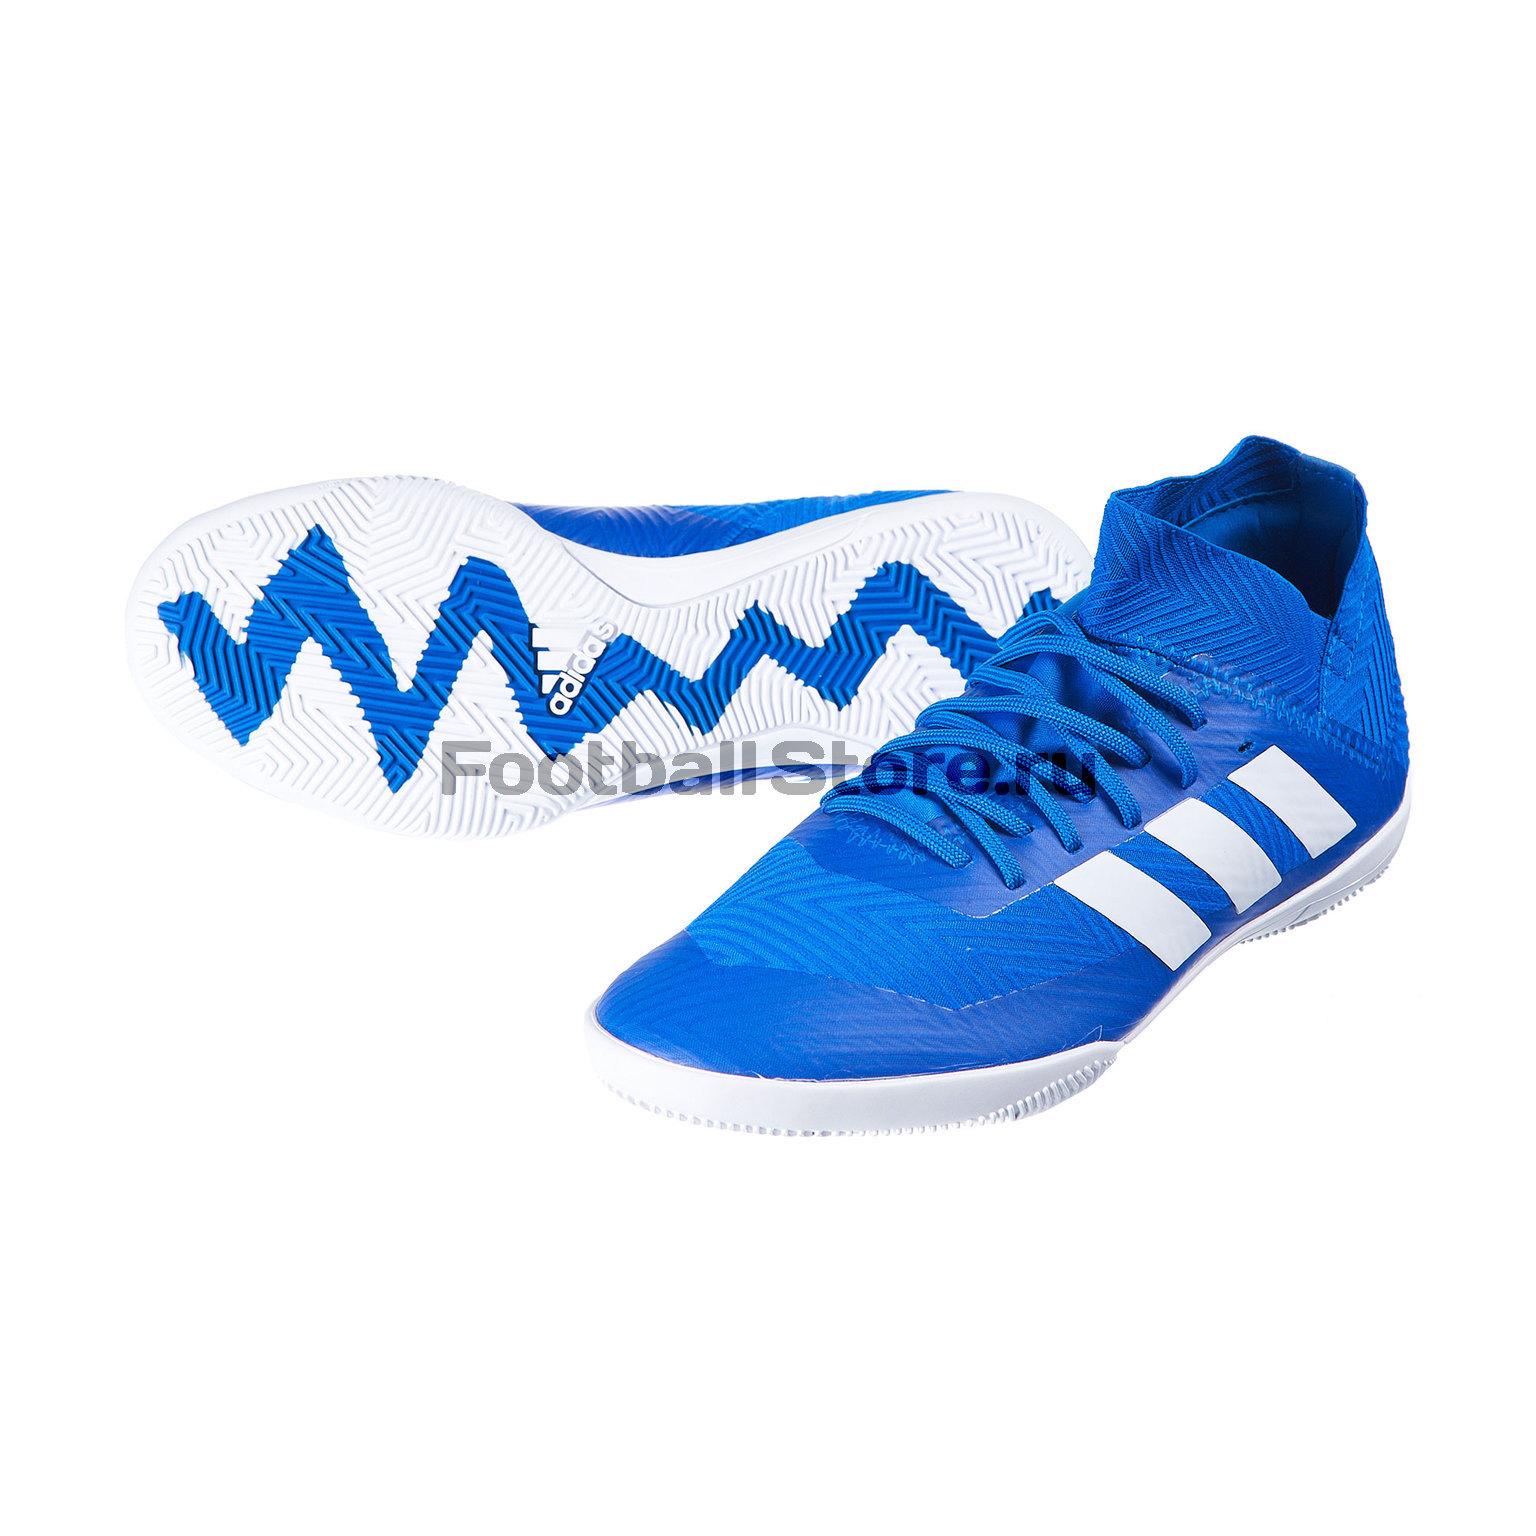 Футзалки детские Adidas Nemeziz Tango 18.3 IN DB2374 футзалки детские adidas  copa tango 18 4 in c556b34a0b7